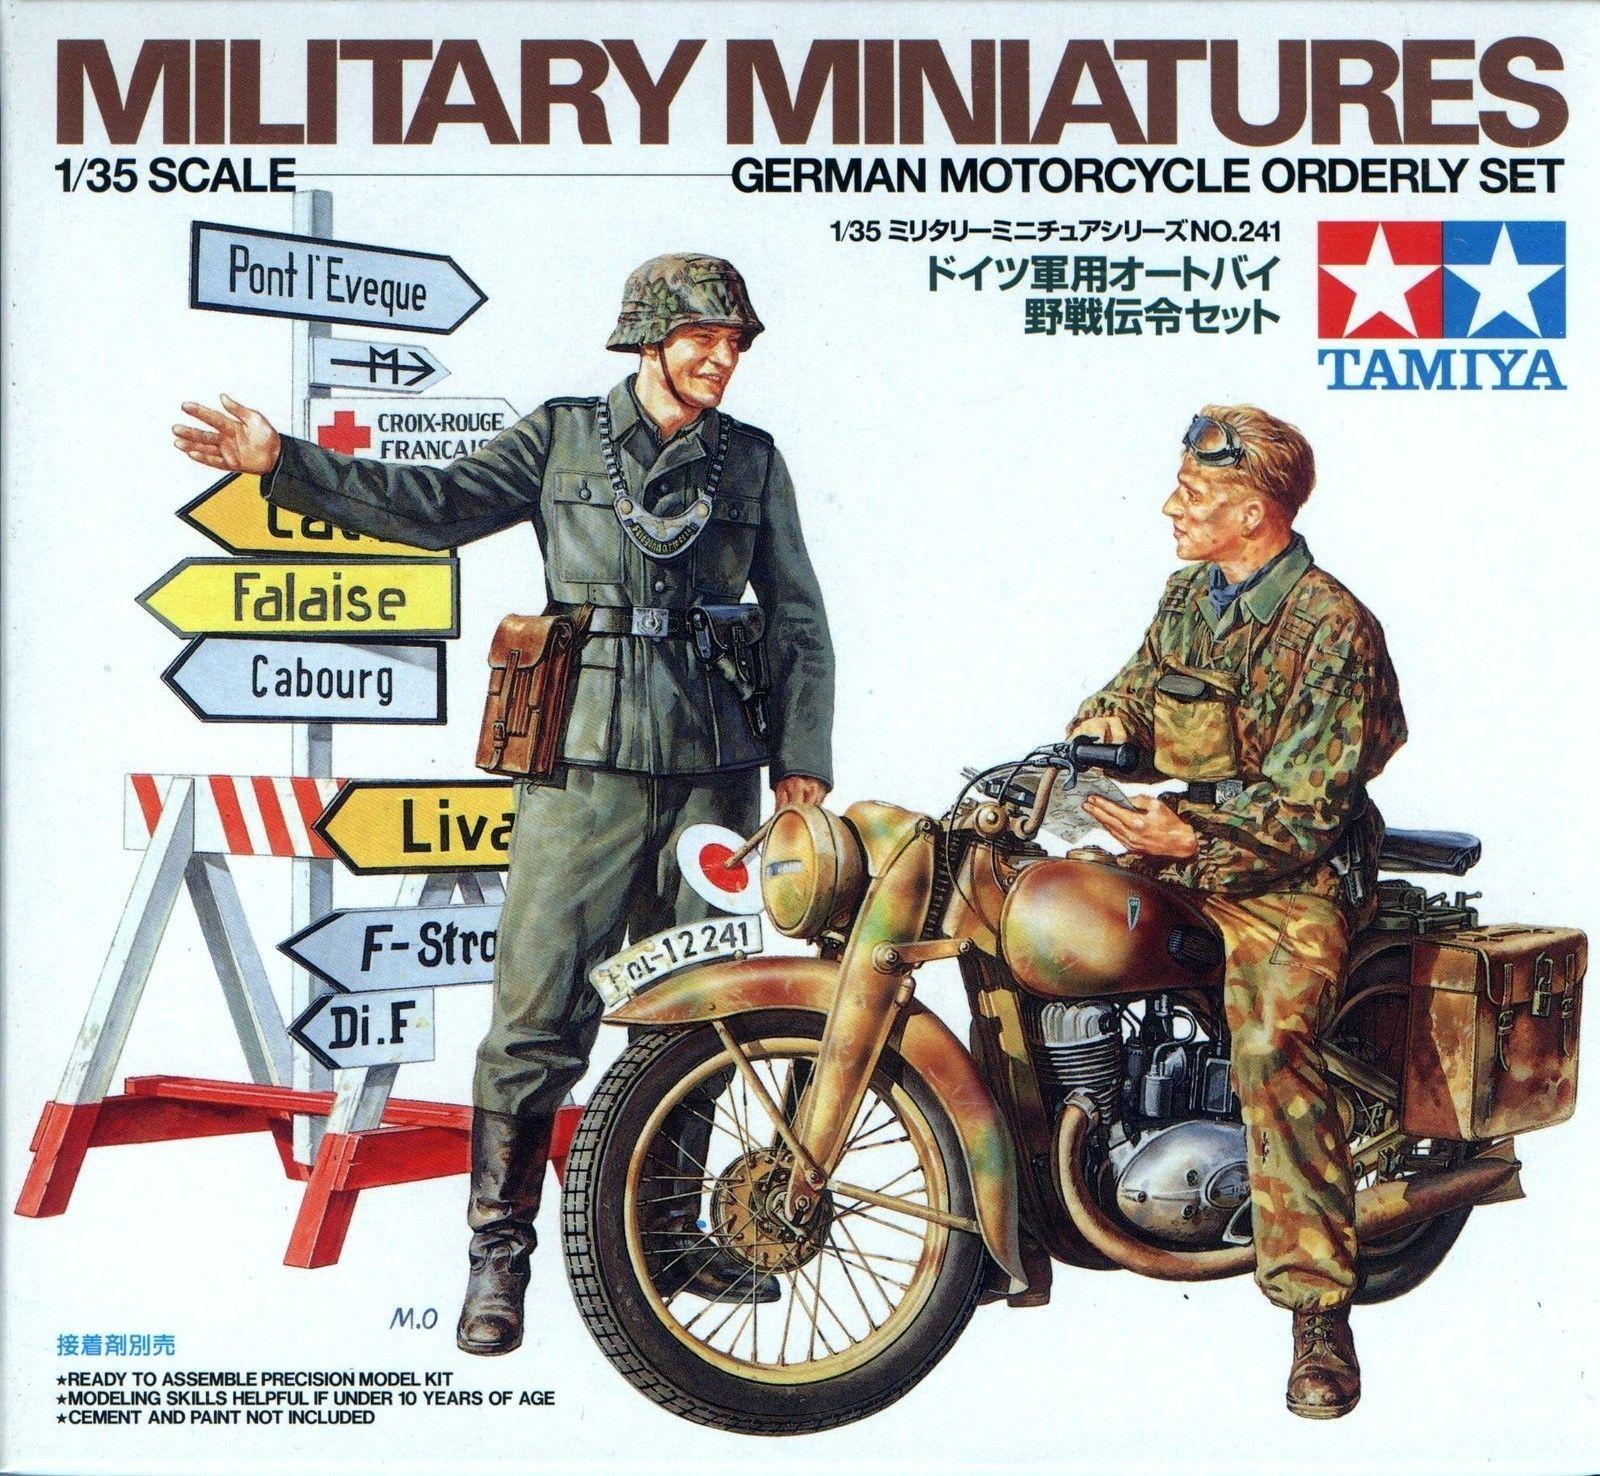 Kit De Motocicleta Dkw Nz 350 Rotulos De Senales Y Policia